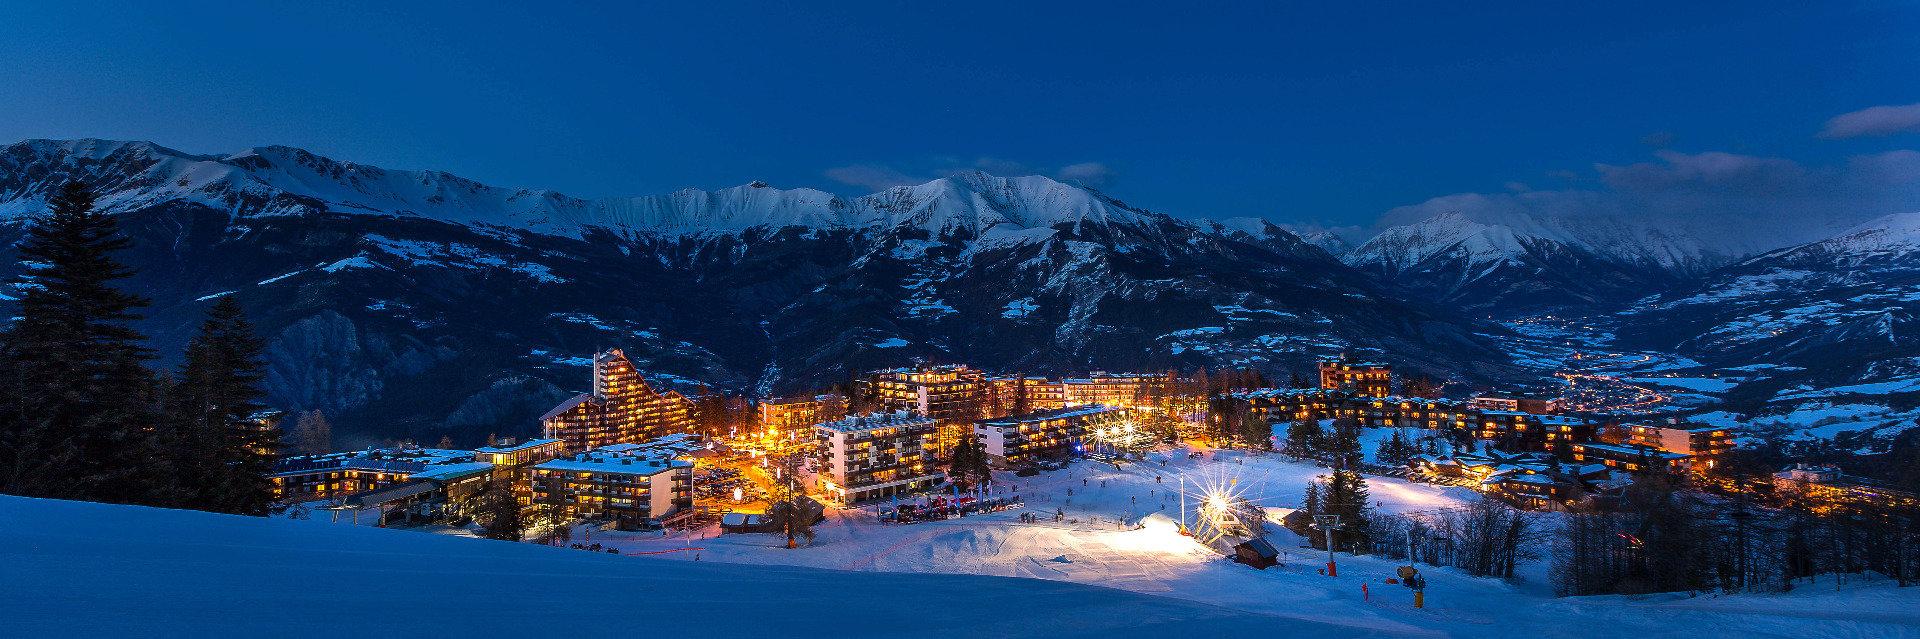 Ambiance hivernale d'une fin de journée dans la station de ski de Praloup - © Bertrand Bodin